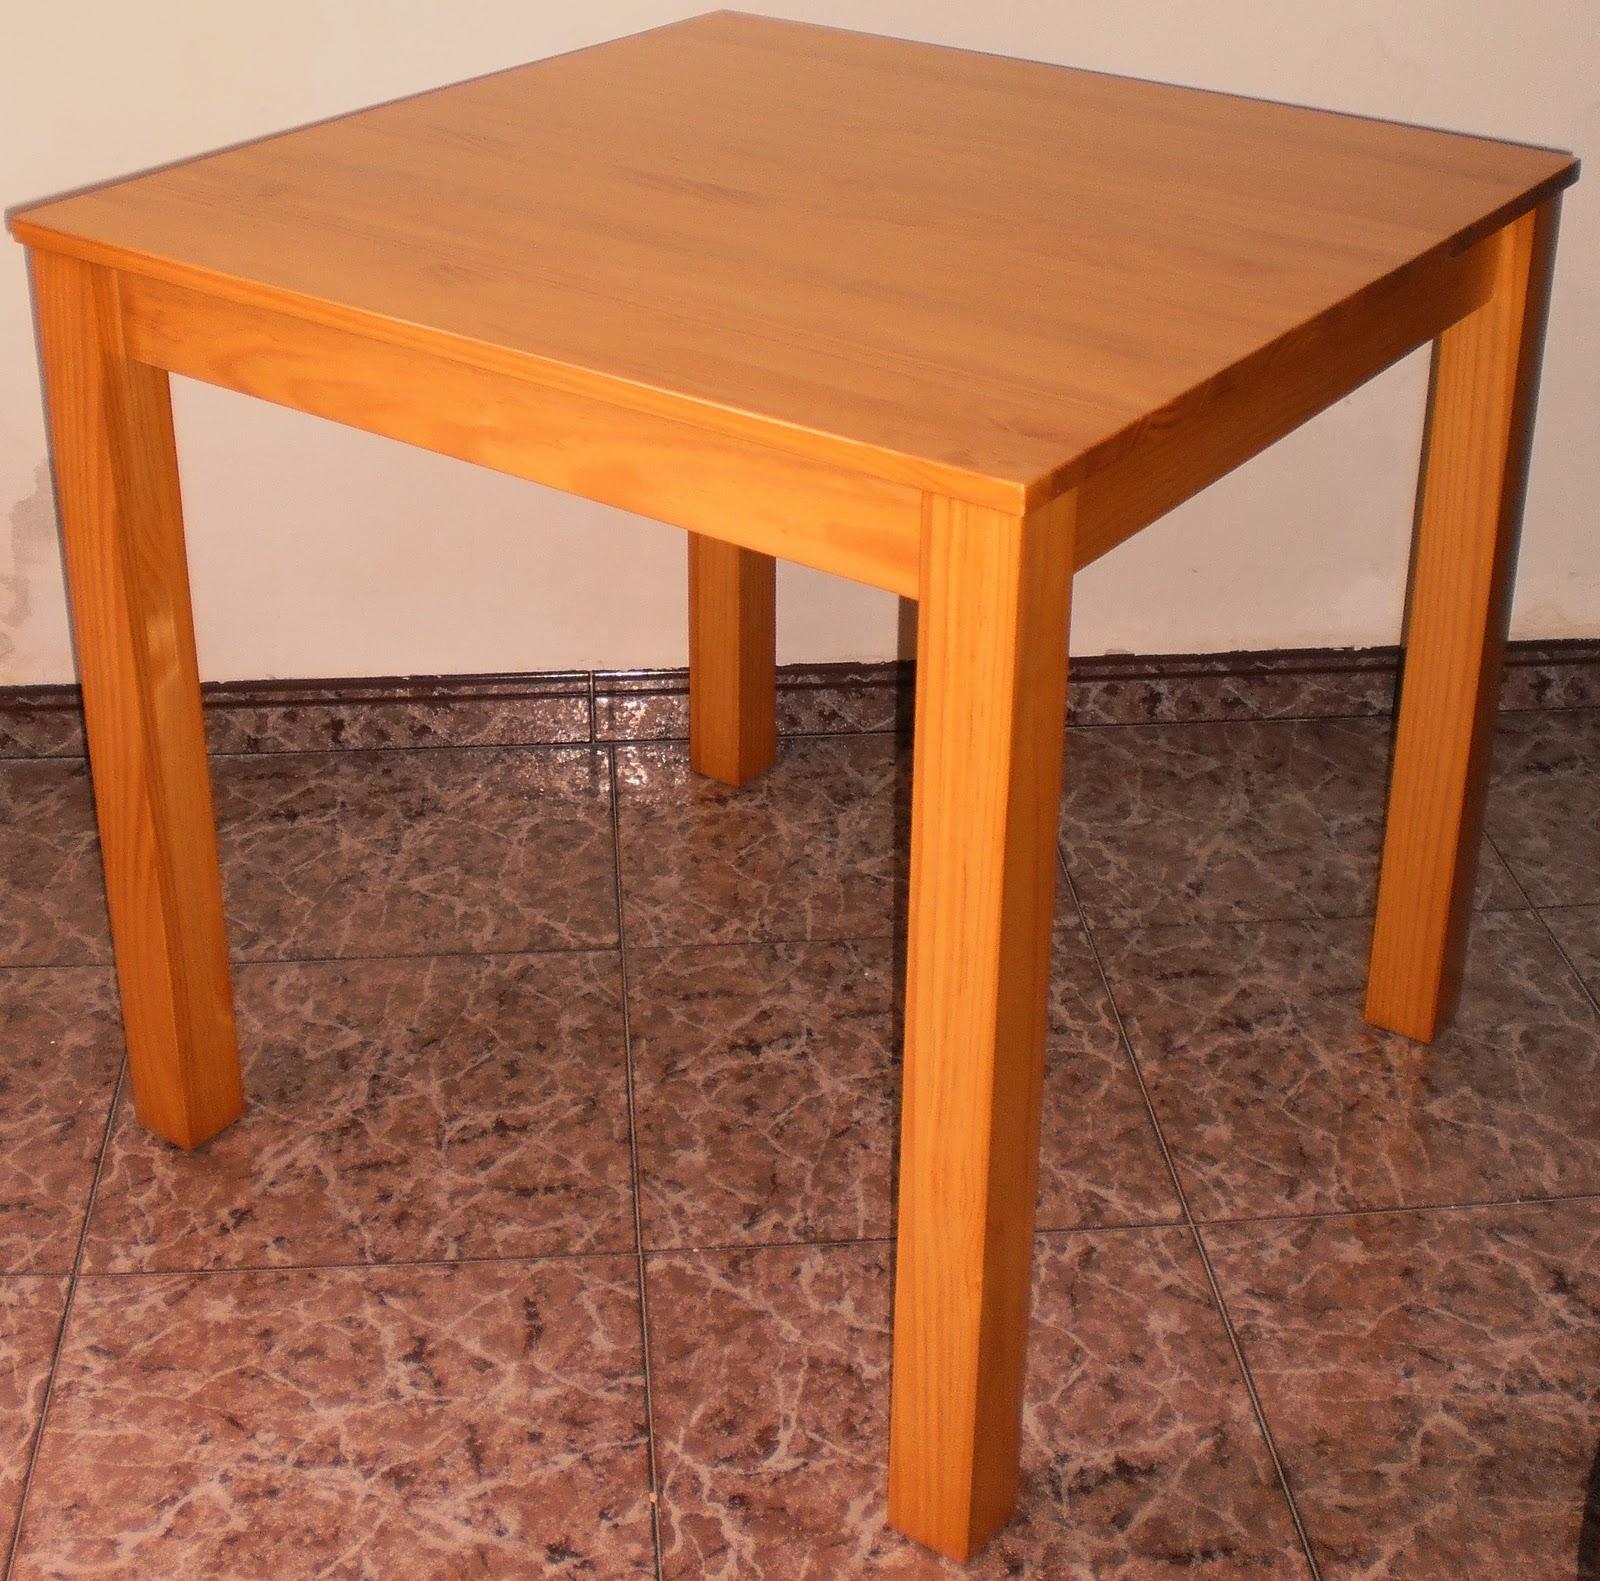 Fabrica de sillas de madera pauli sillas y mesas de for Fabricacion de bares de madera